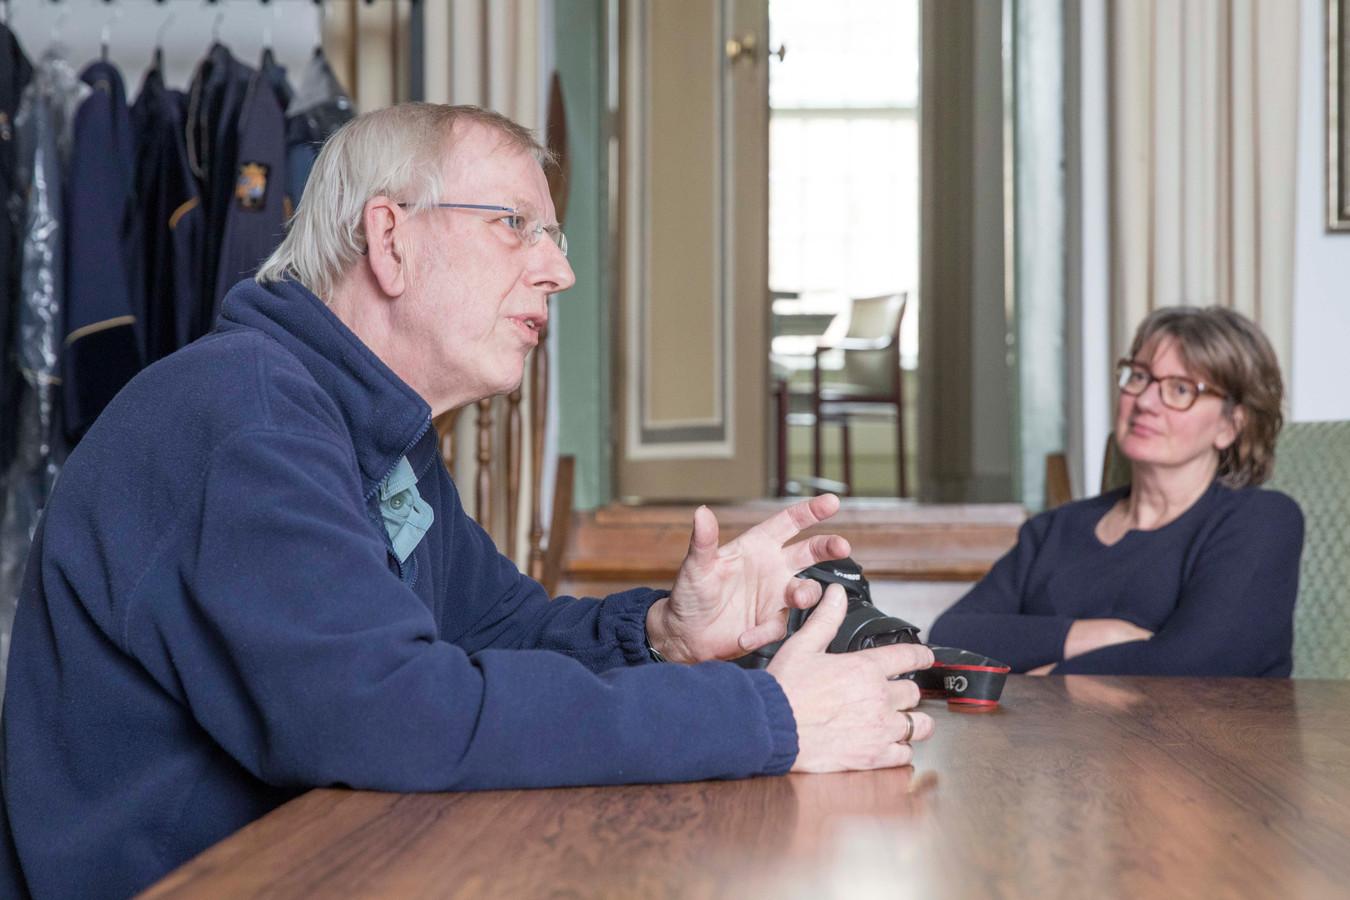 Carl Bruring overleed vorige week woensdag op 62-jarige leeftijd. Zijn partner Manda Heddema (foto) kreeg vandaag uit handen van burgmeester Margo Mulder de koninklijke onderscheiding die klaar lag om aan Bruring te worden uitgereikt.